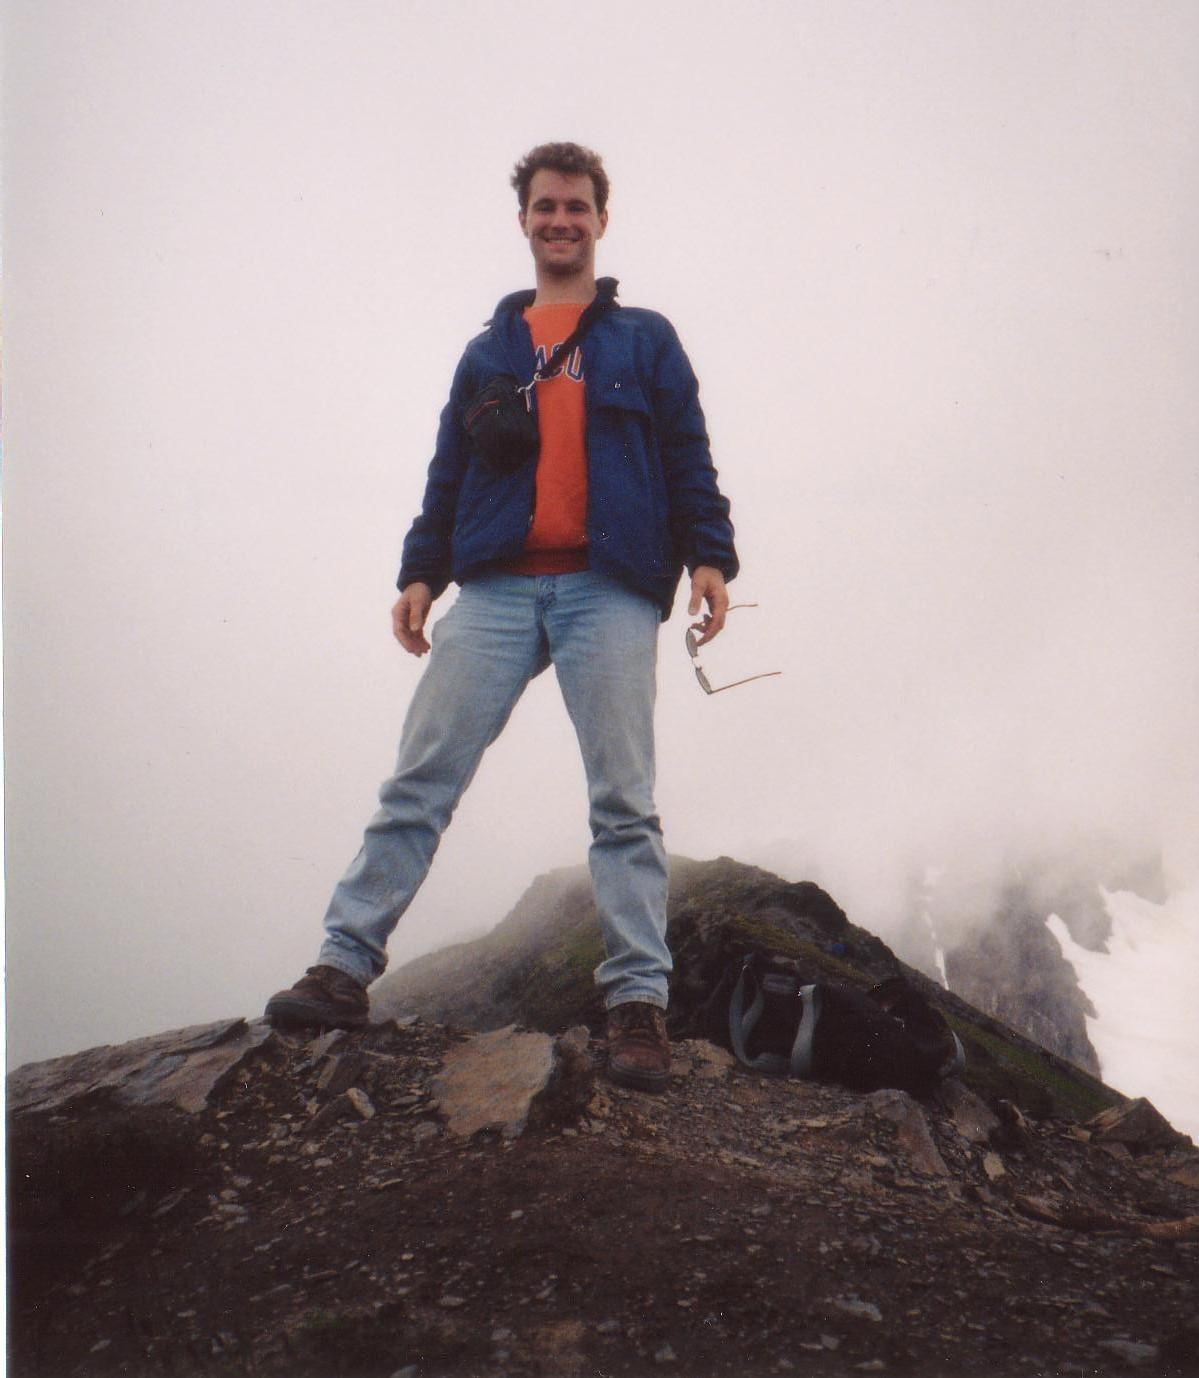 Mike, on top of Mt. Juneau in Alaska.